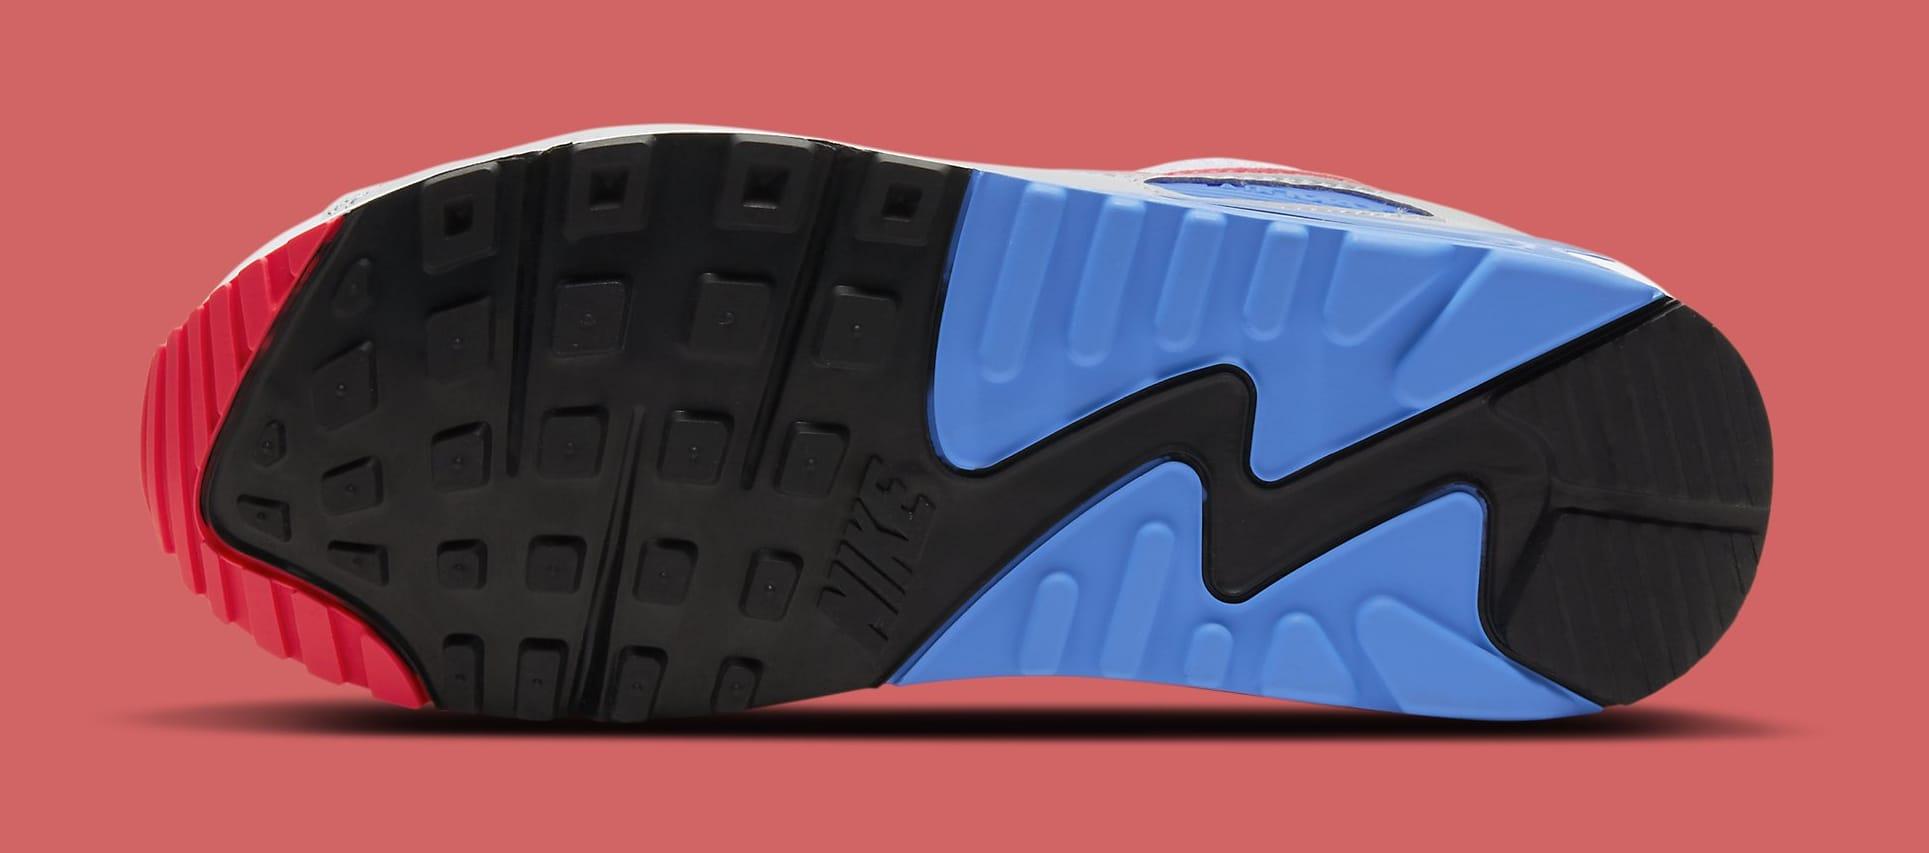 Nike Air Max 90 'Hot Coral' DA8856-100 (Outsole)